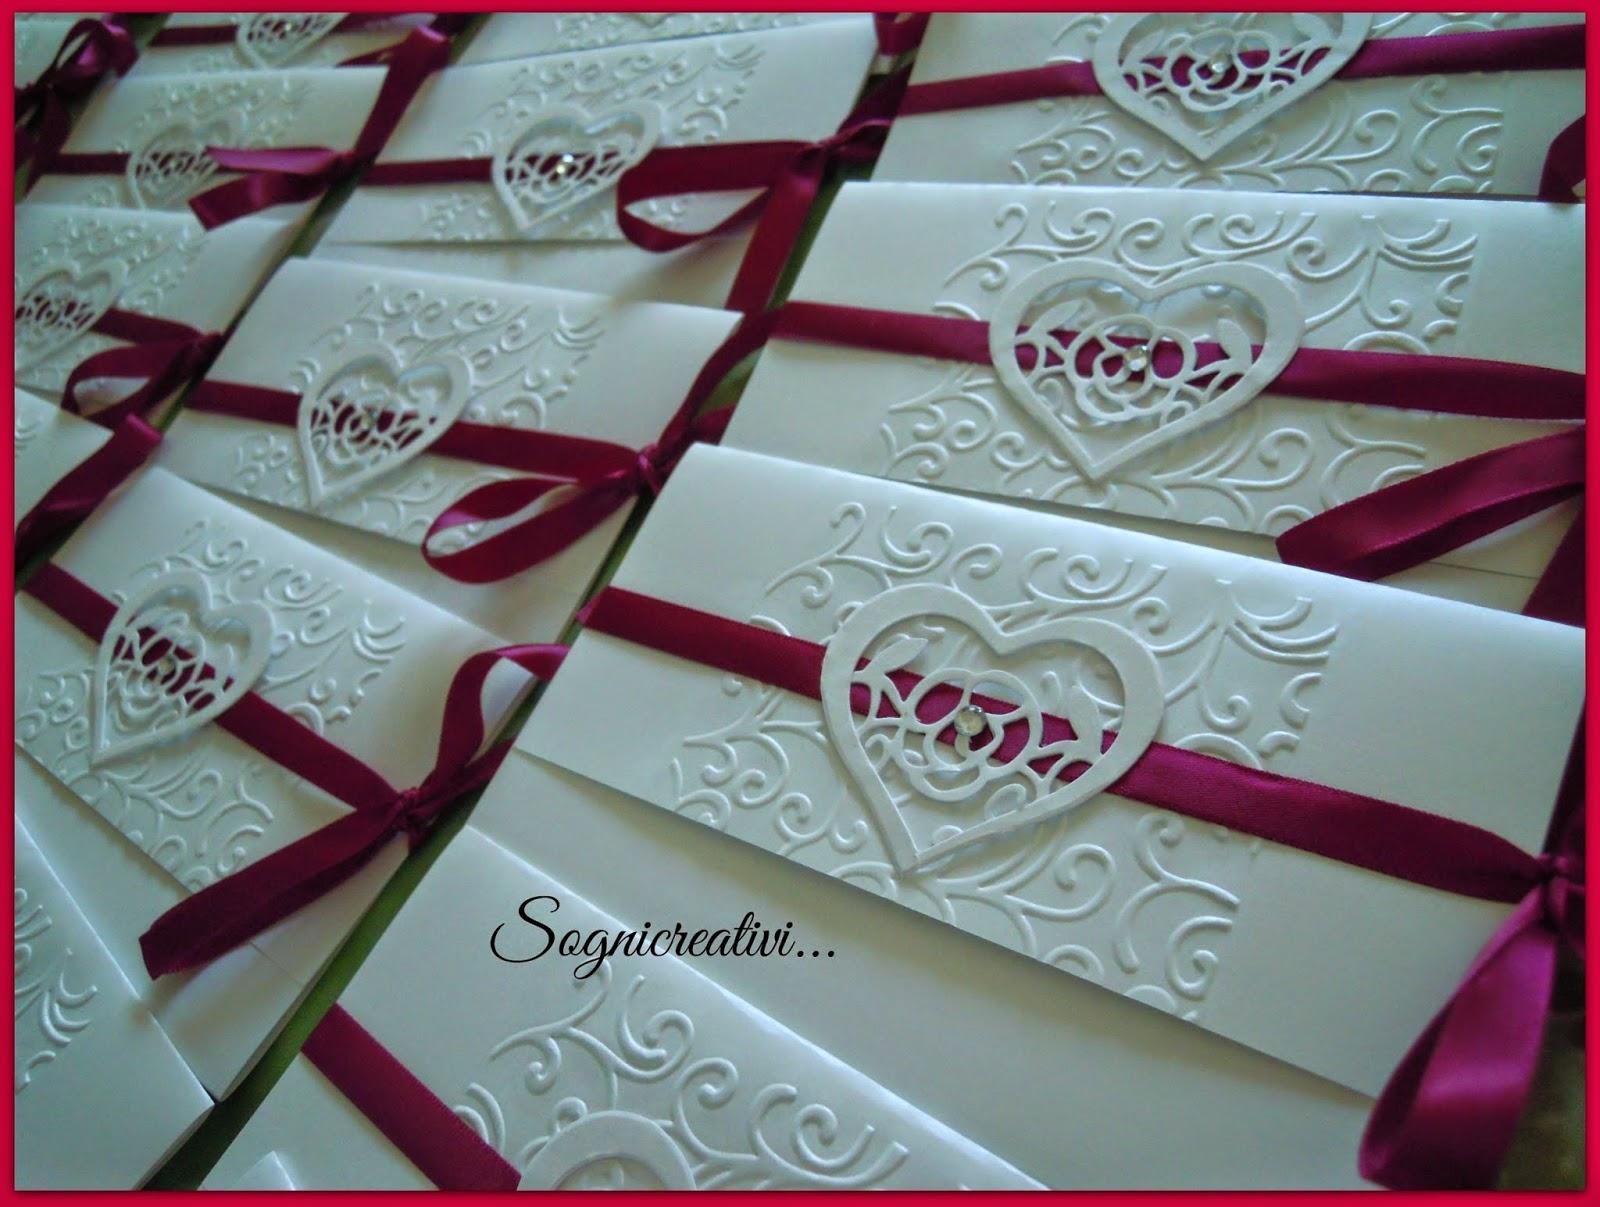 Partecipazioni sognicreativi wedding and events for Partecipazioni matrimonio modelli